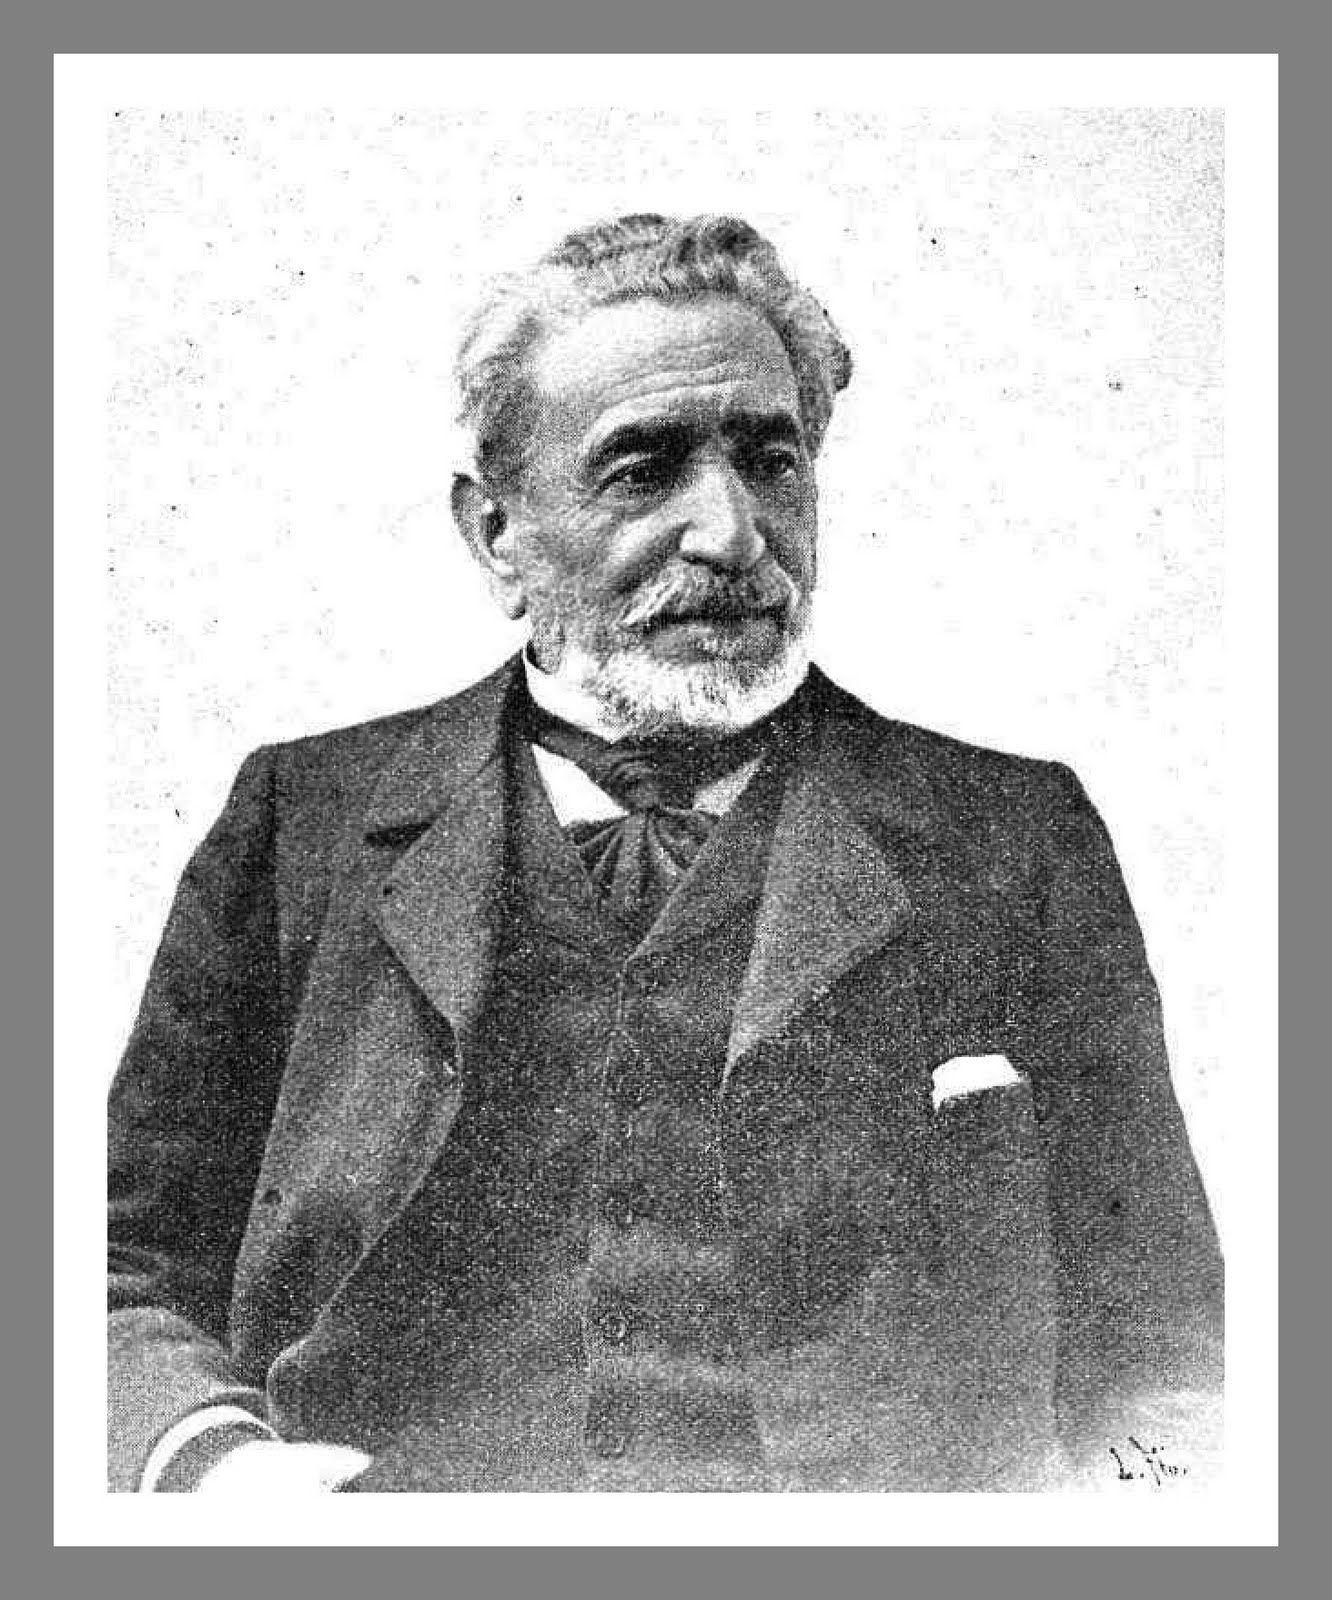 Españoles - Práxedes Mateo Sagasta y Escolar (presidente de Gobierno en 1898)